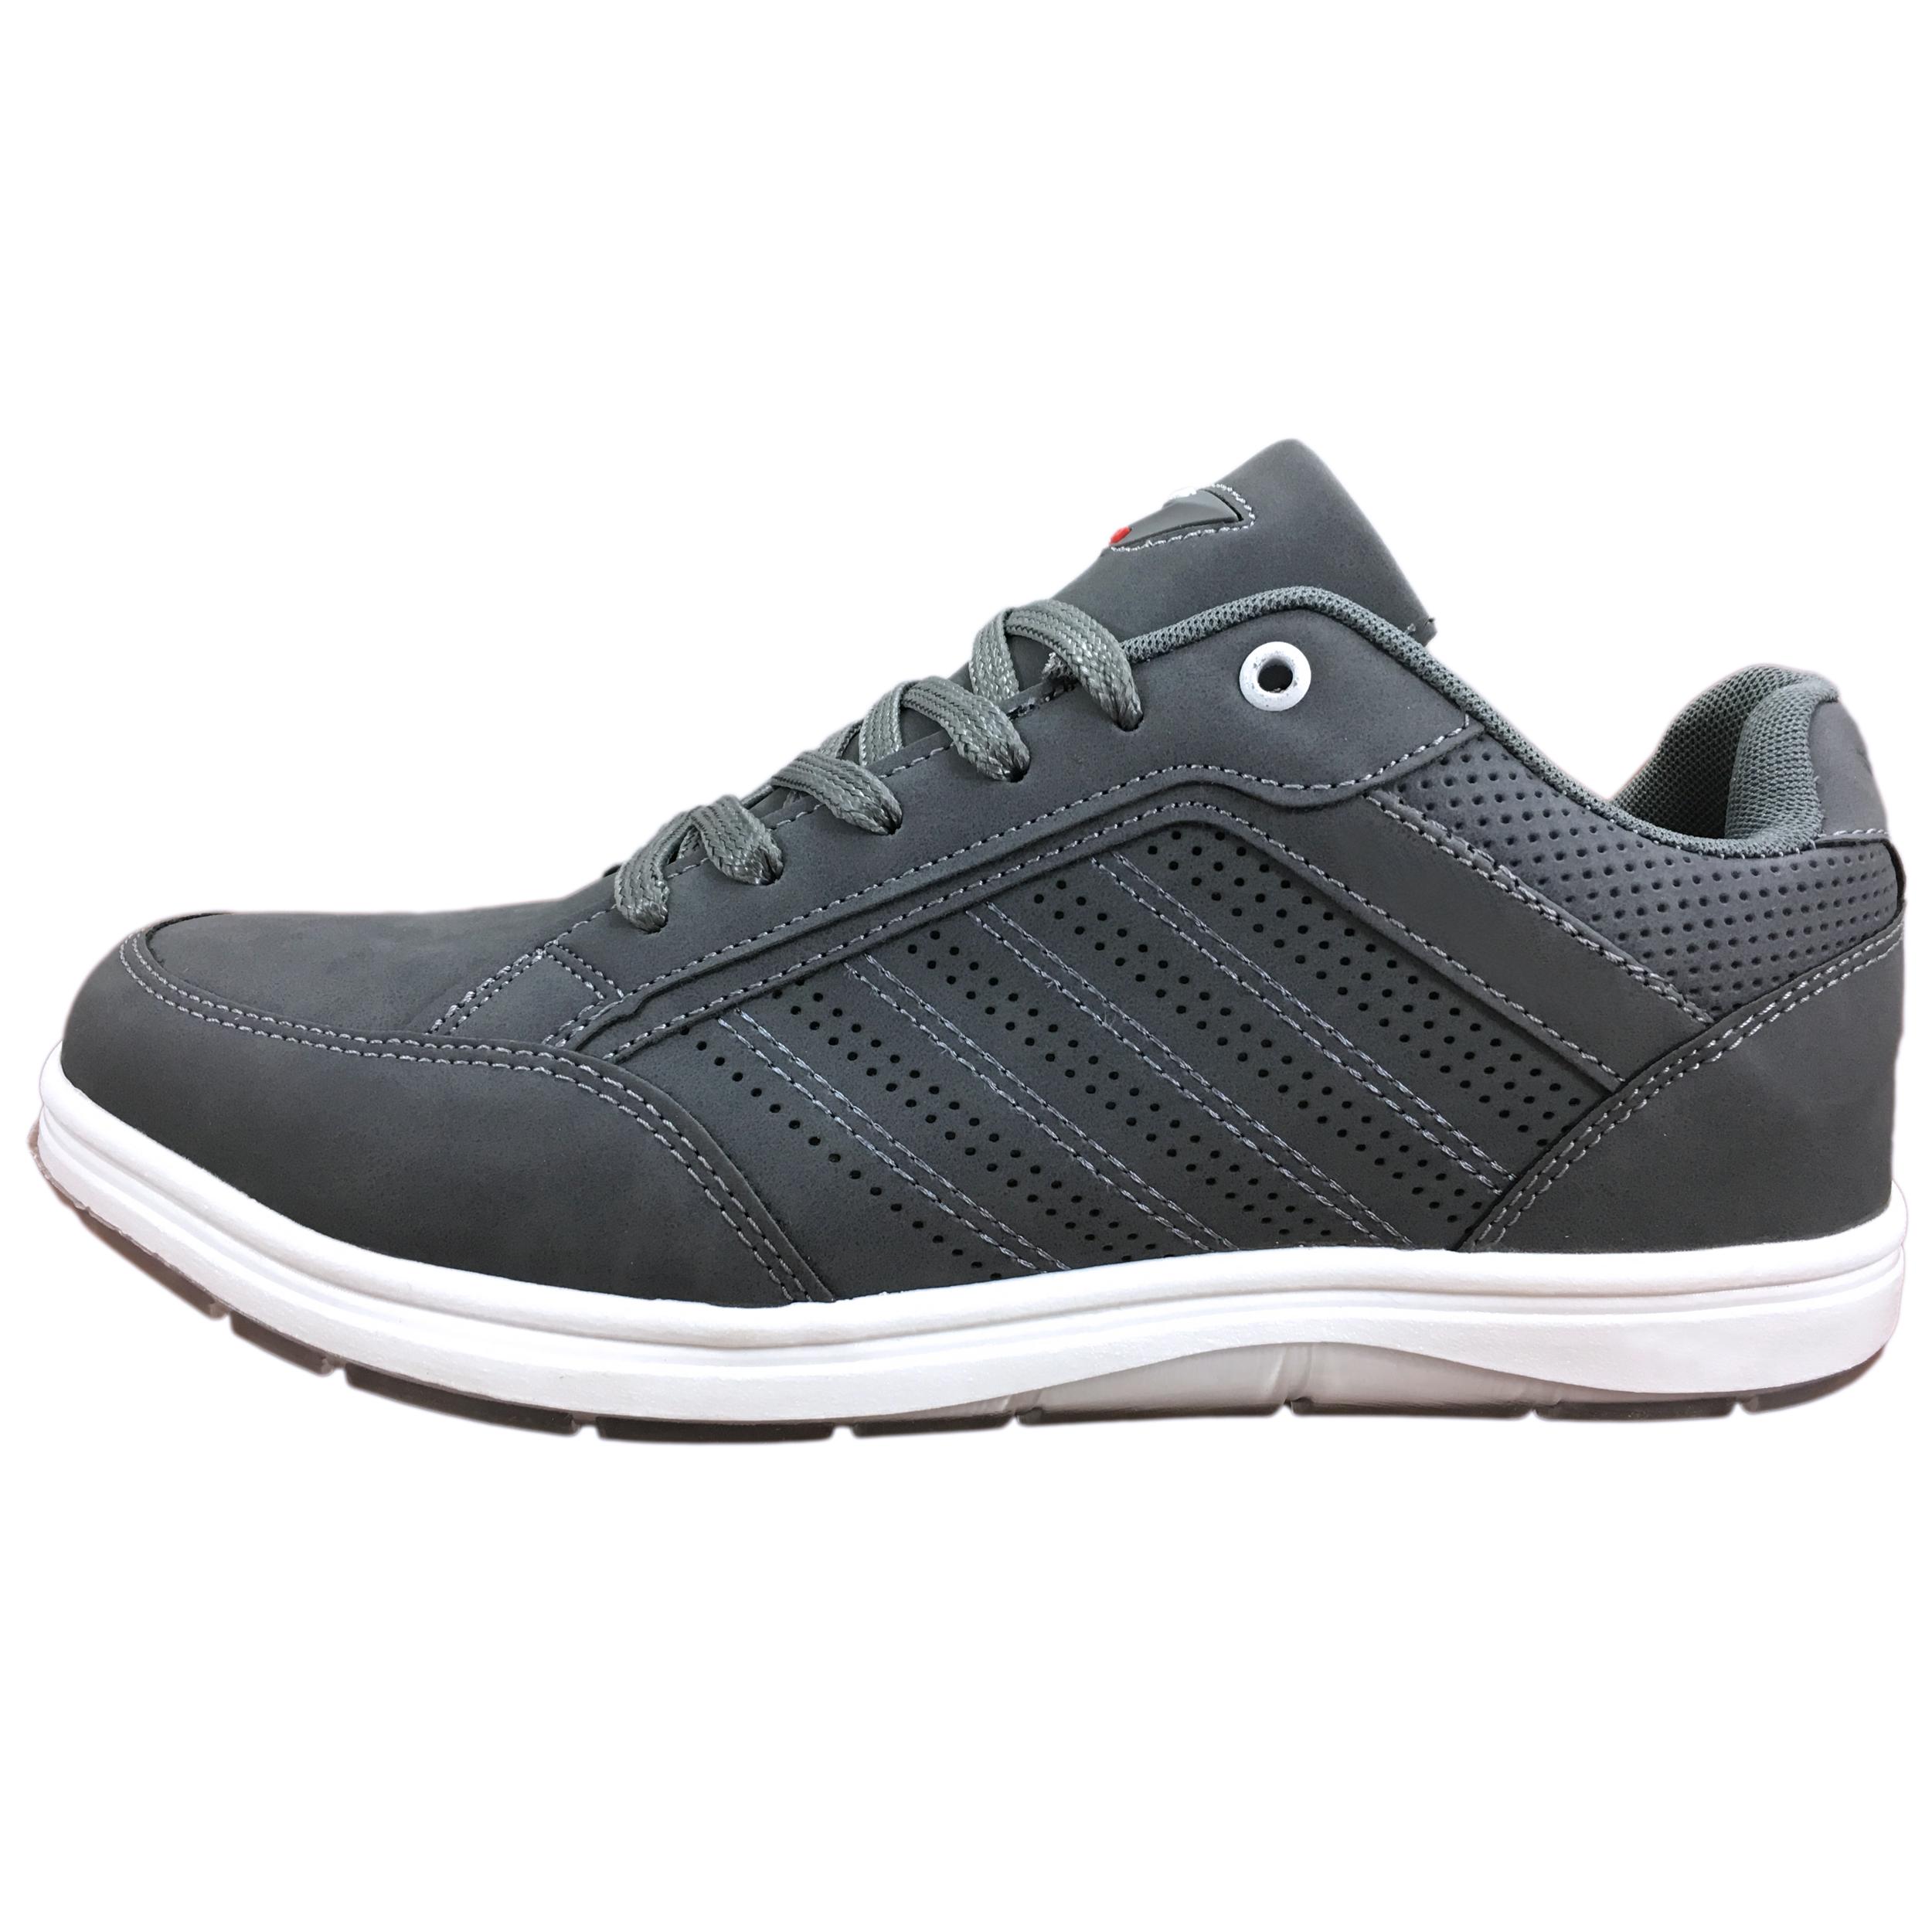 کفش مخصوص پیاده روی مردانه مدل ویکرز کد 3089